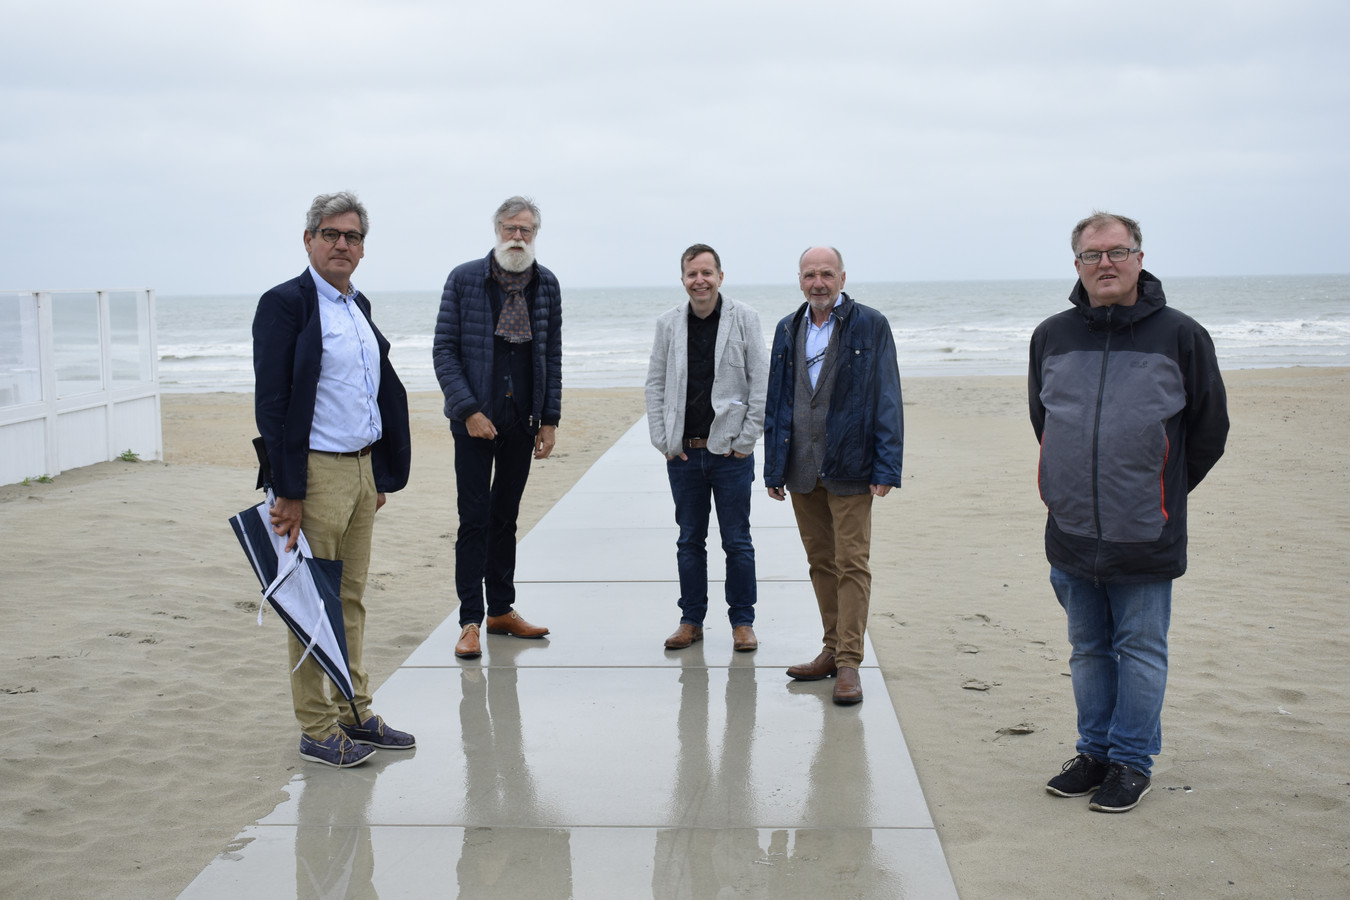 Het Nieuwpoortse stadsbestuur streeft naar een toegankelijk strand. Fernand Dasseville (vierde van links) zet zich al 44 jaar in voor mensen met een beperking